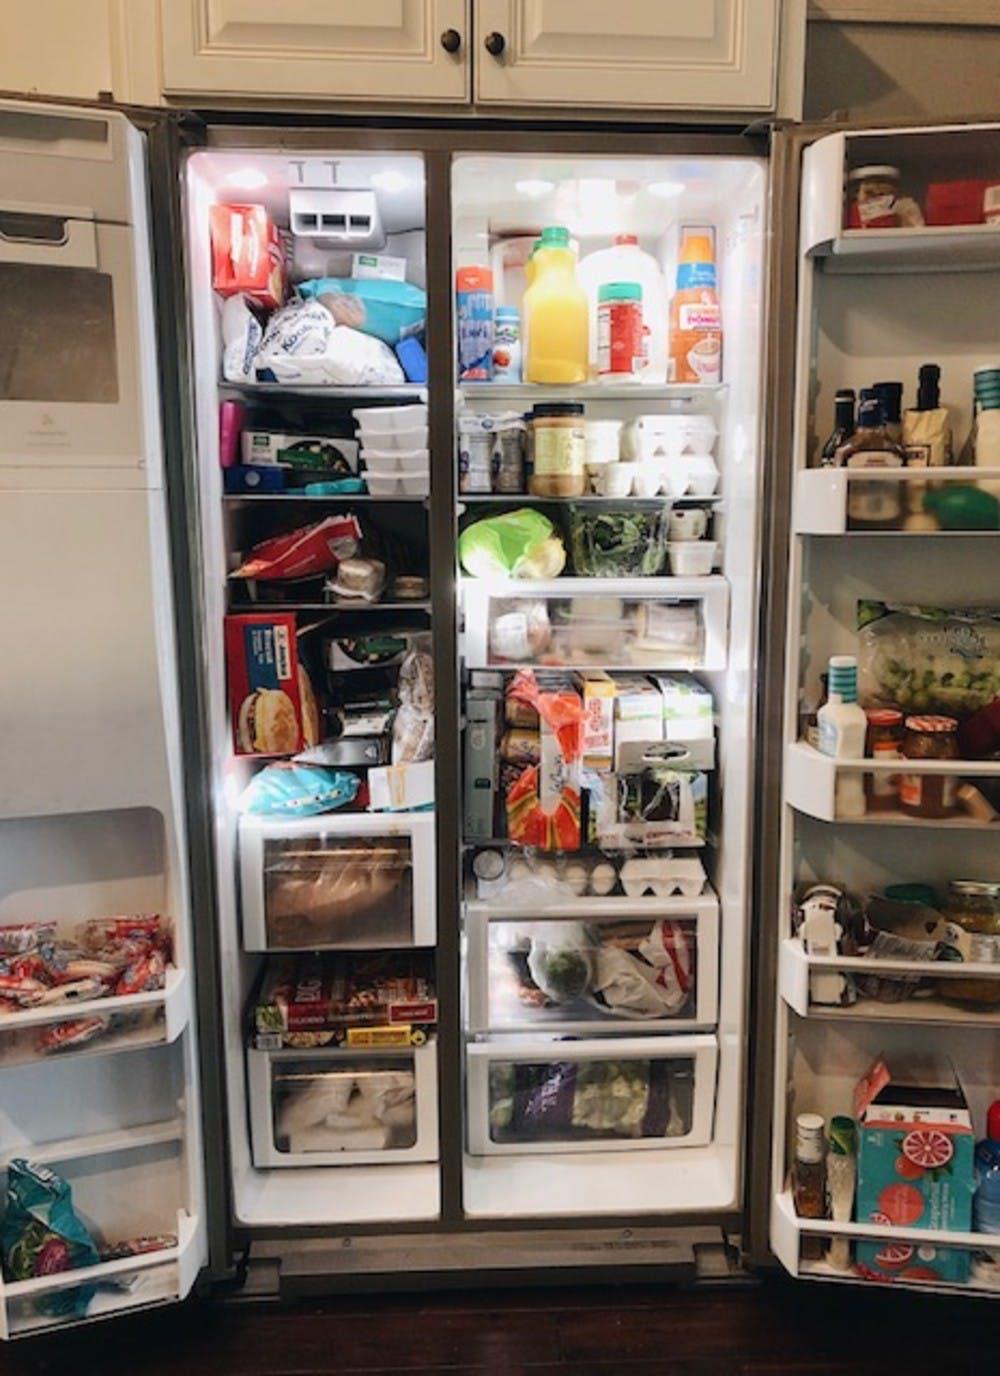 """6 bước đơn giản giúp bà mẹ 4 con """"hóa giải"""" chiếc tủ lạnh chật ních thành gọn gàng, thông thoáng trong những ngày giãn cách ở nhà - Ảnh 2."""